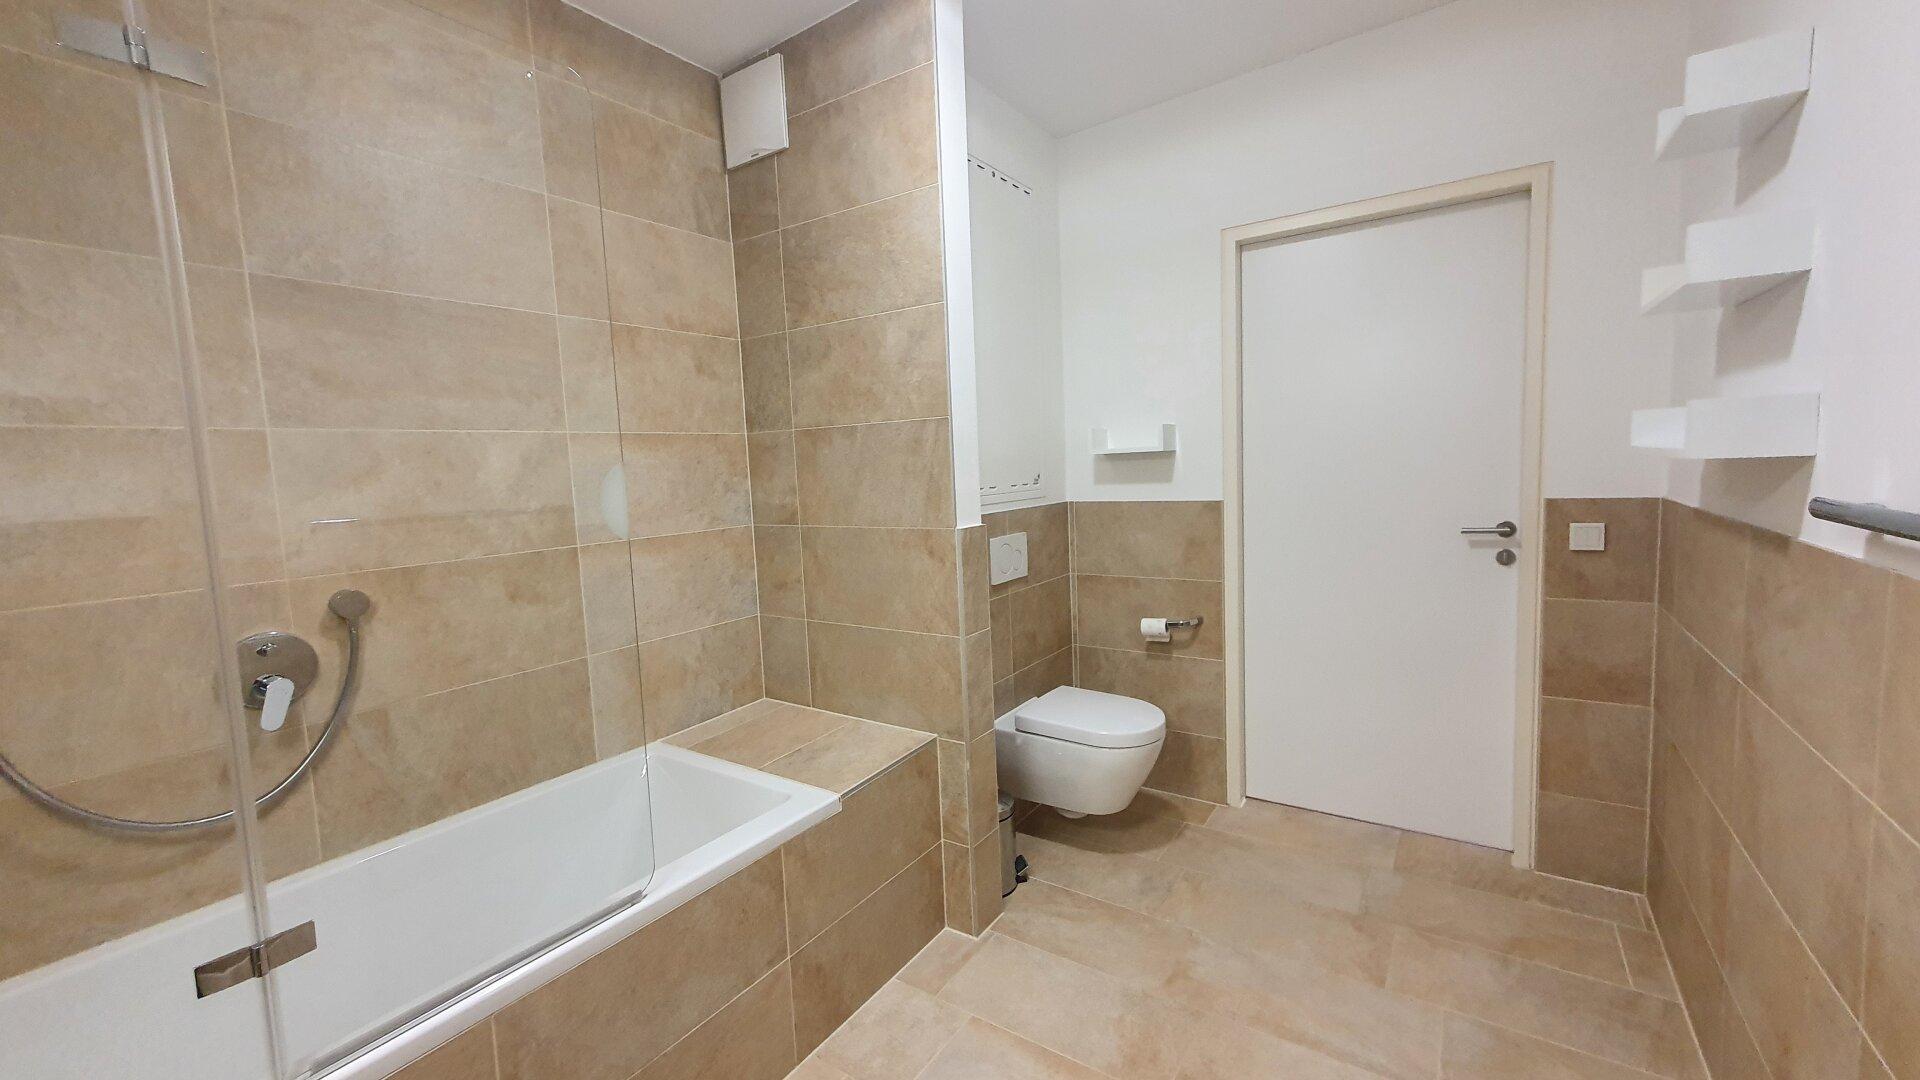 Bad mit Wanne/Dusche Ansicht 2, 3-Zimmer Wohnung Kufstein Zentrum